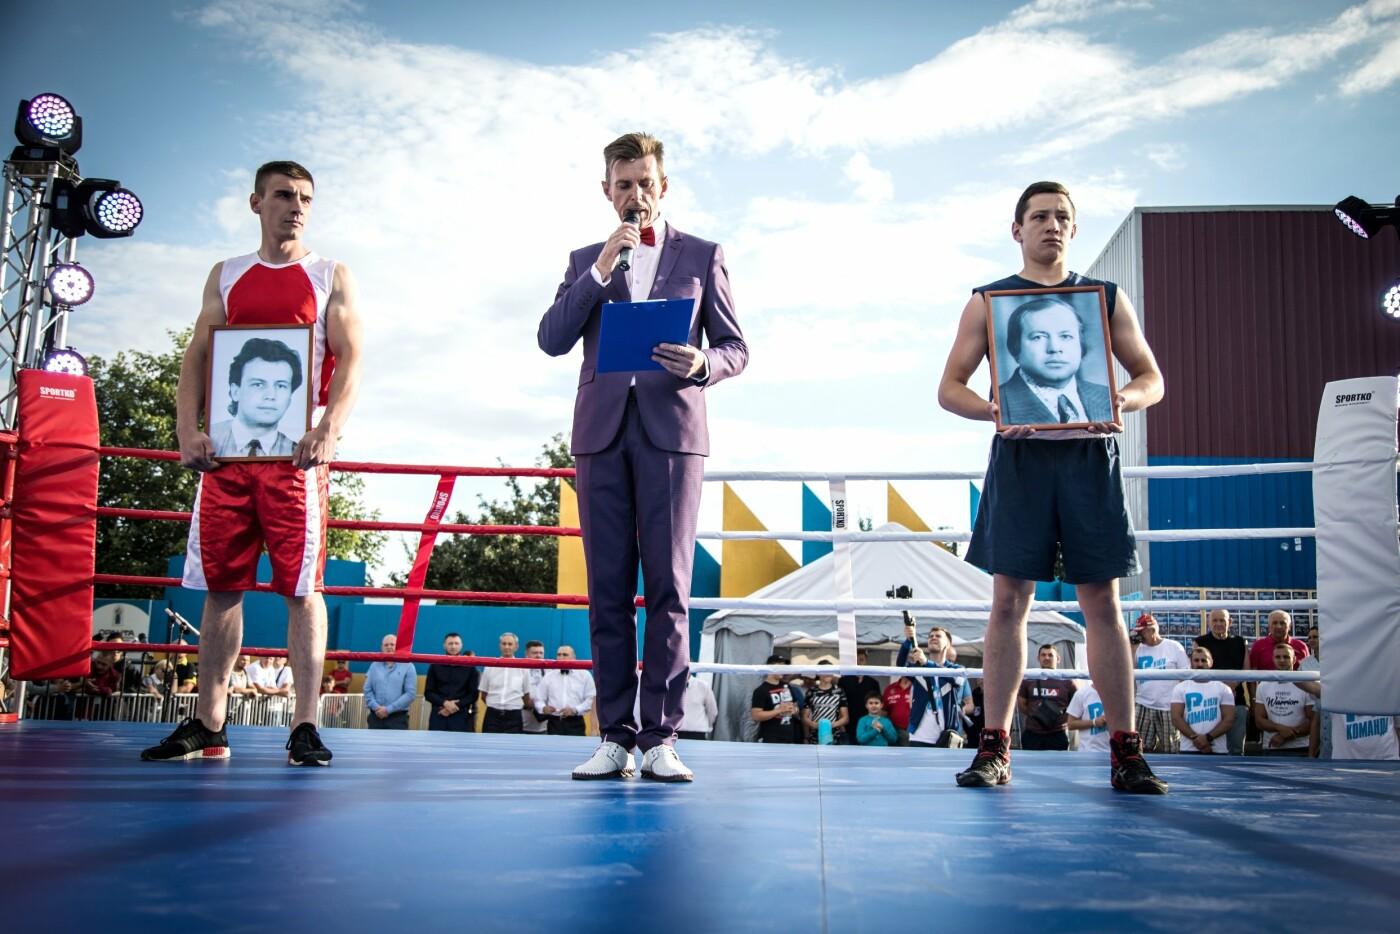 В Лисичанске прошел боксерский турнир памяти отца и сына Назаренко и концерт группы Армия, фото-18